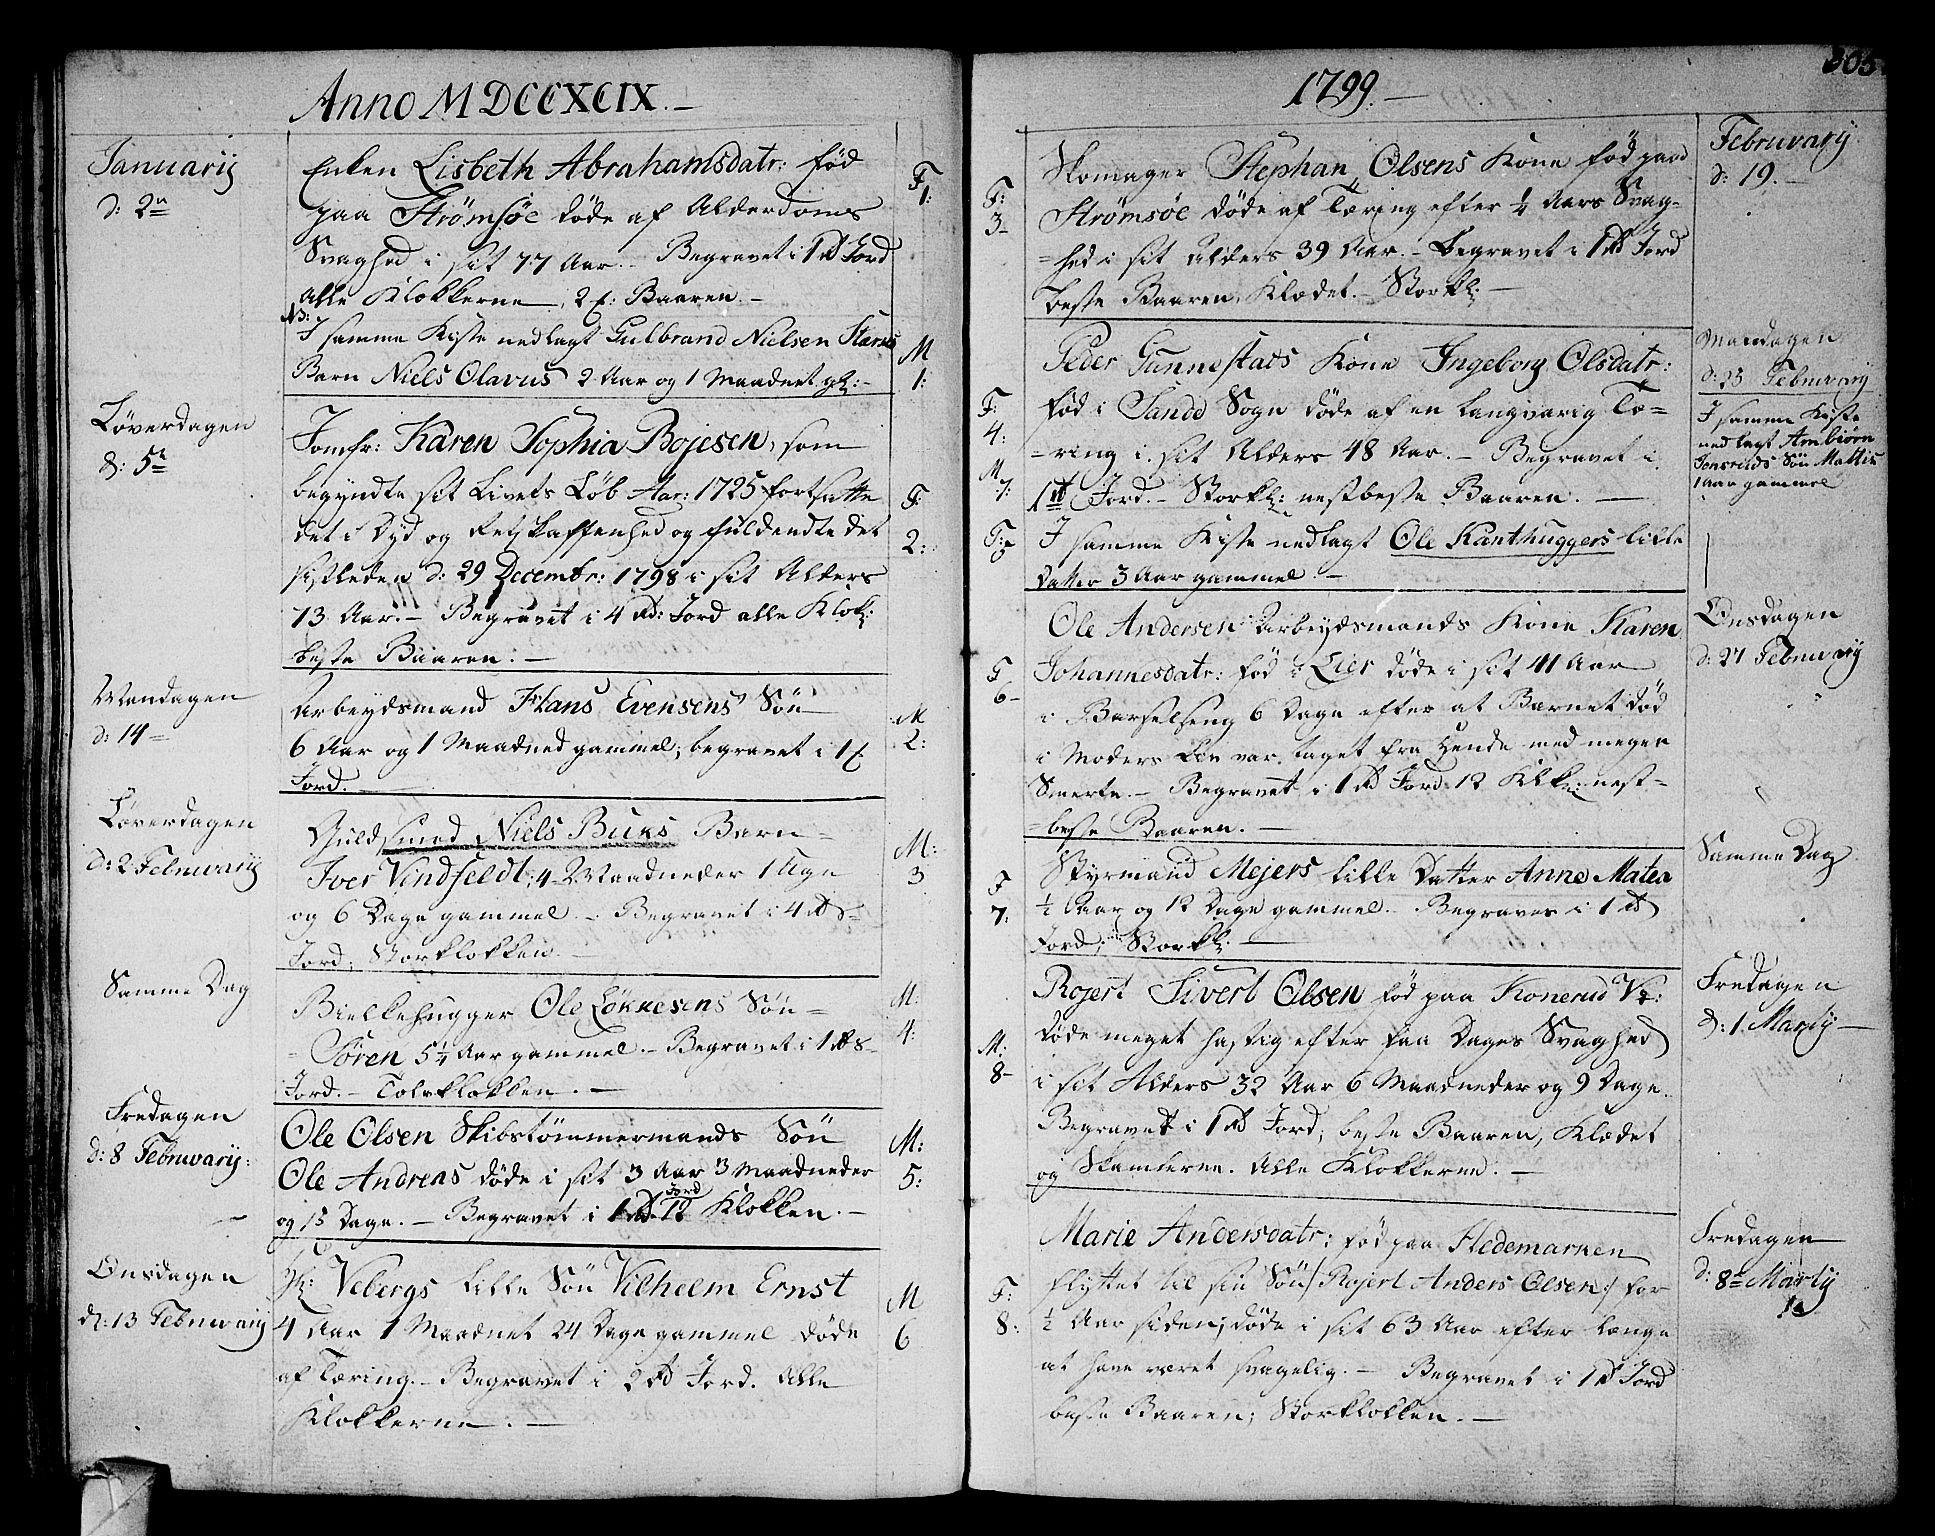 SAKO, Strømsø kirkebøker, F/Fa/L0010: Ministerialbok nr. I 10, 1792-1822, s. 305